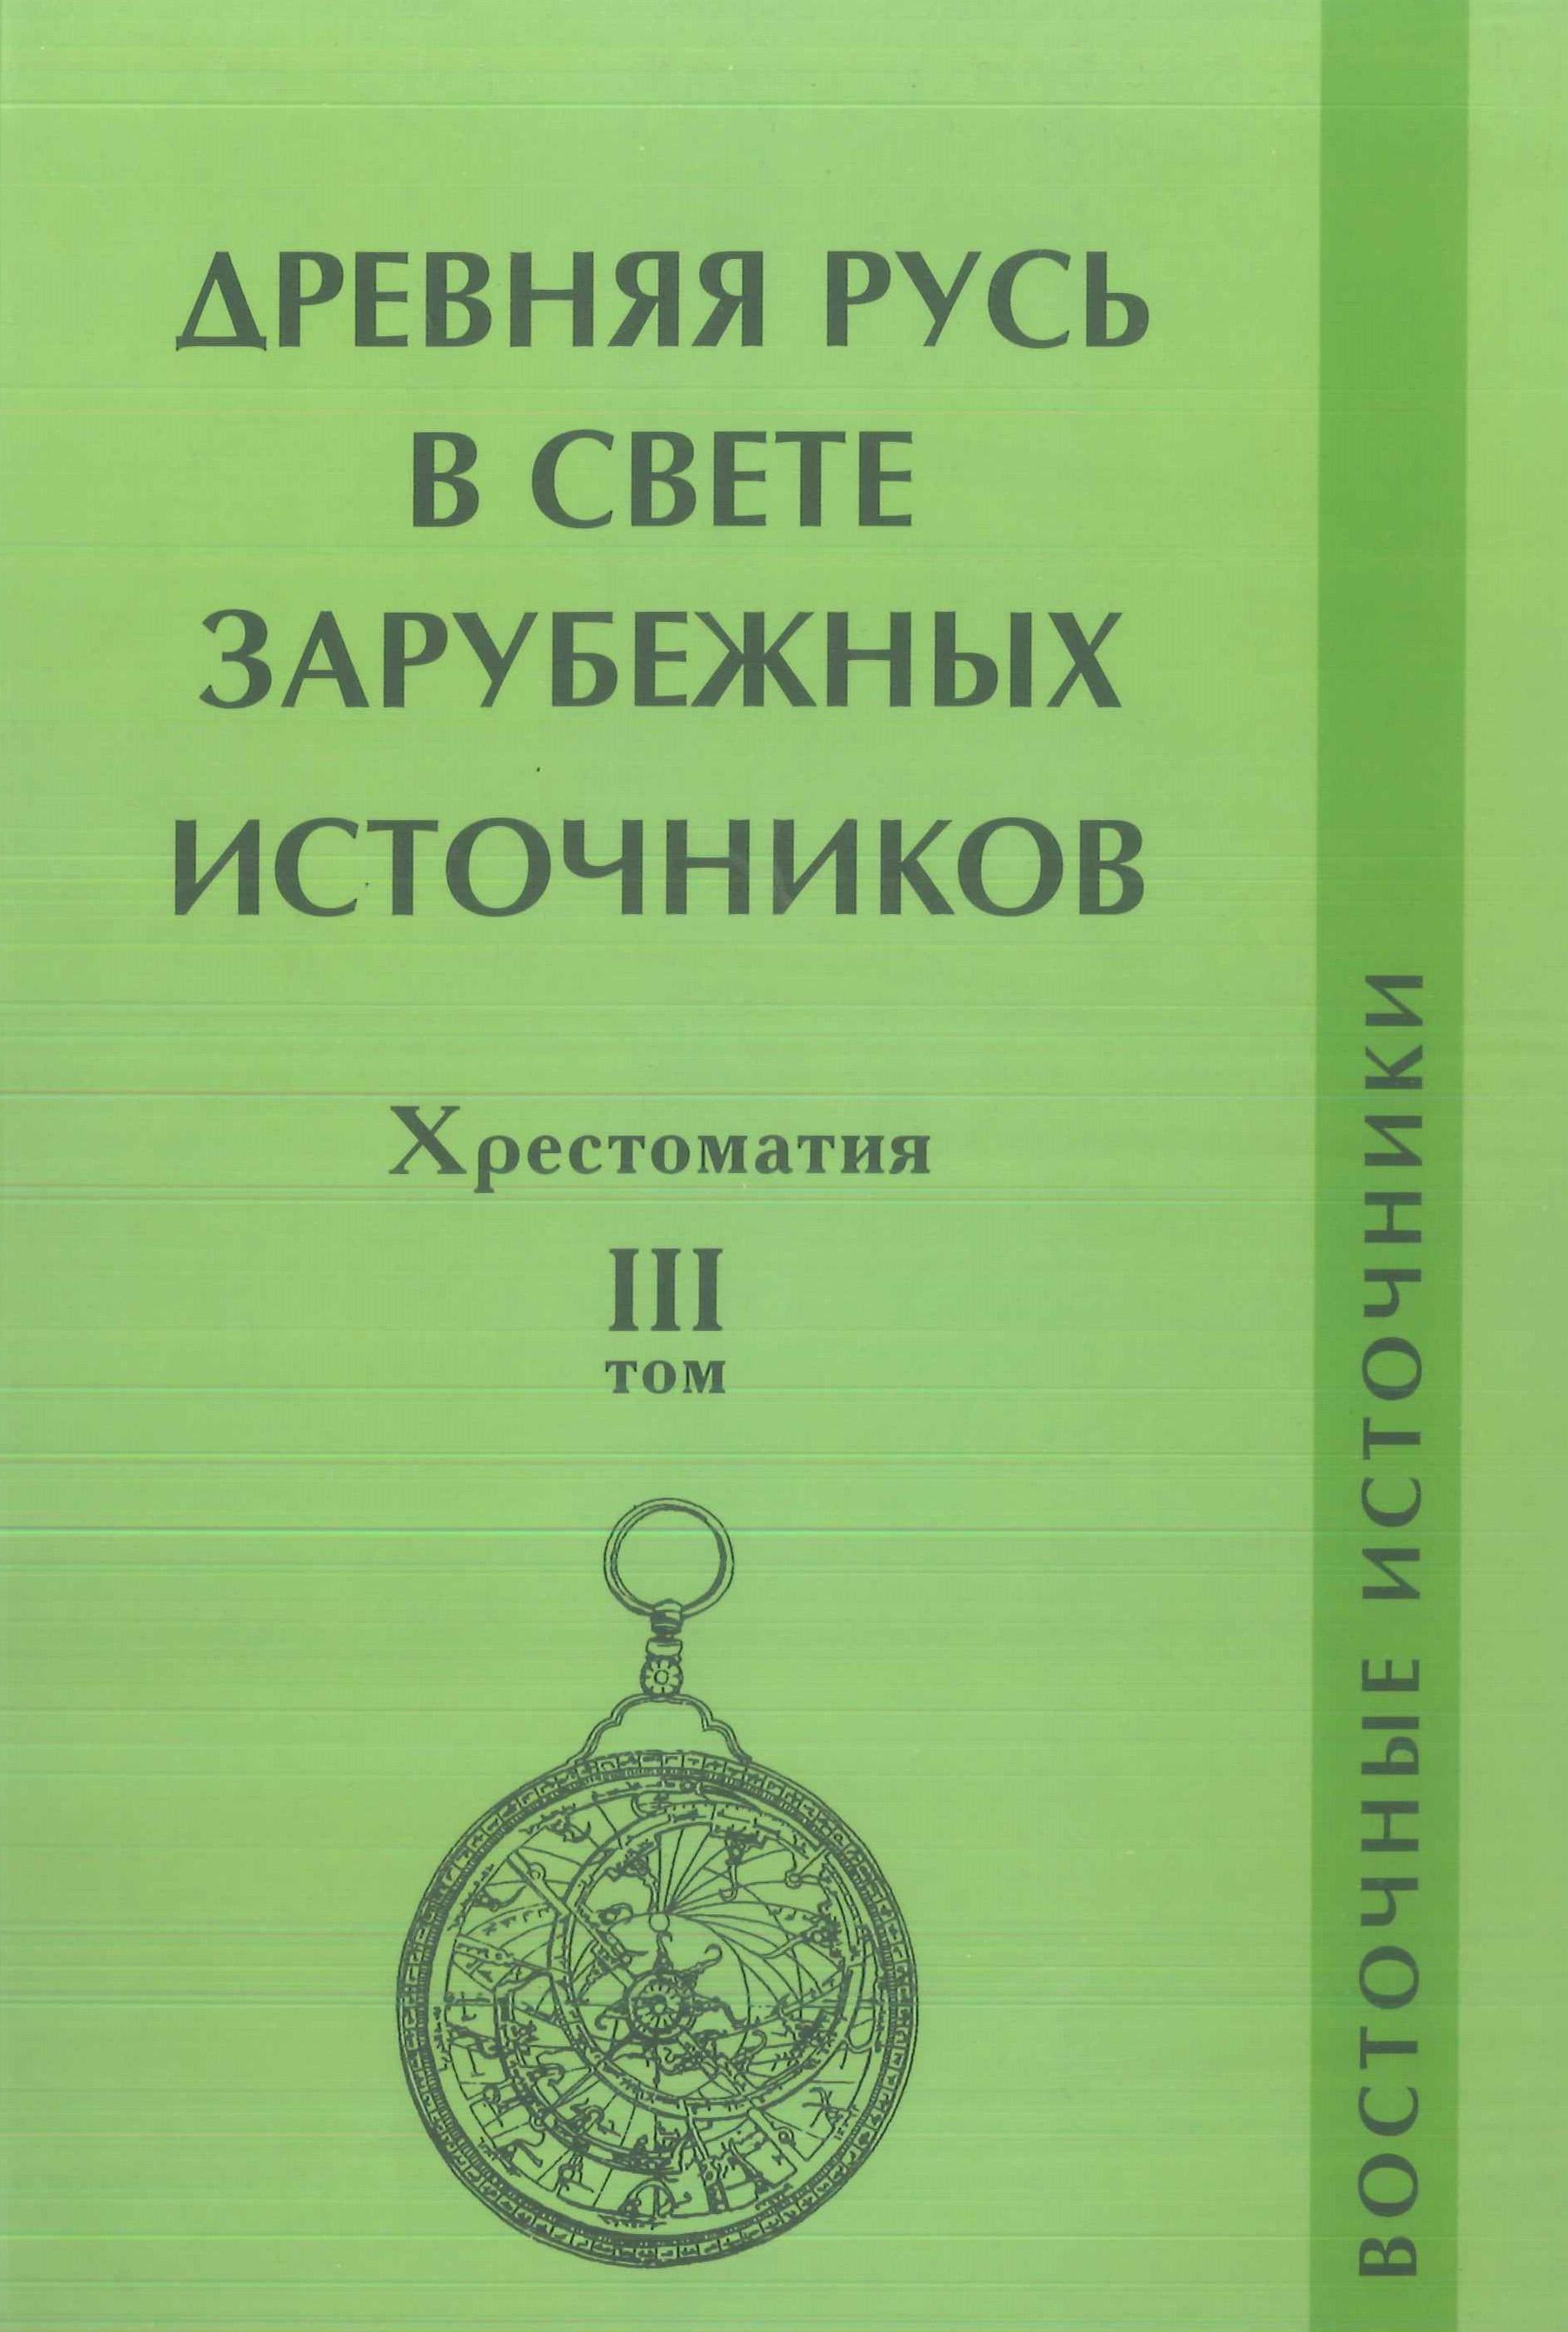 Древняя Русь в свете зарубежных источников. Том III. Восточные источники